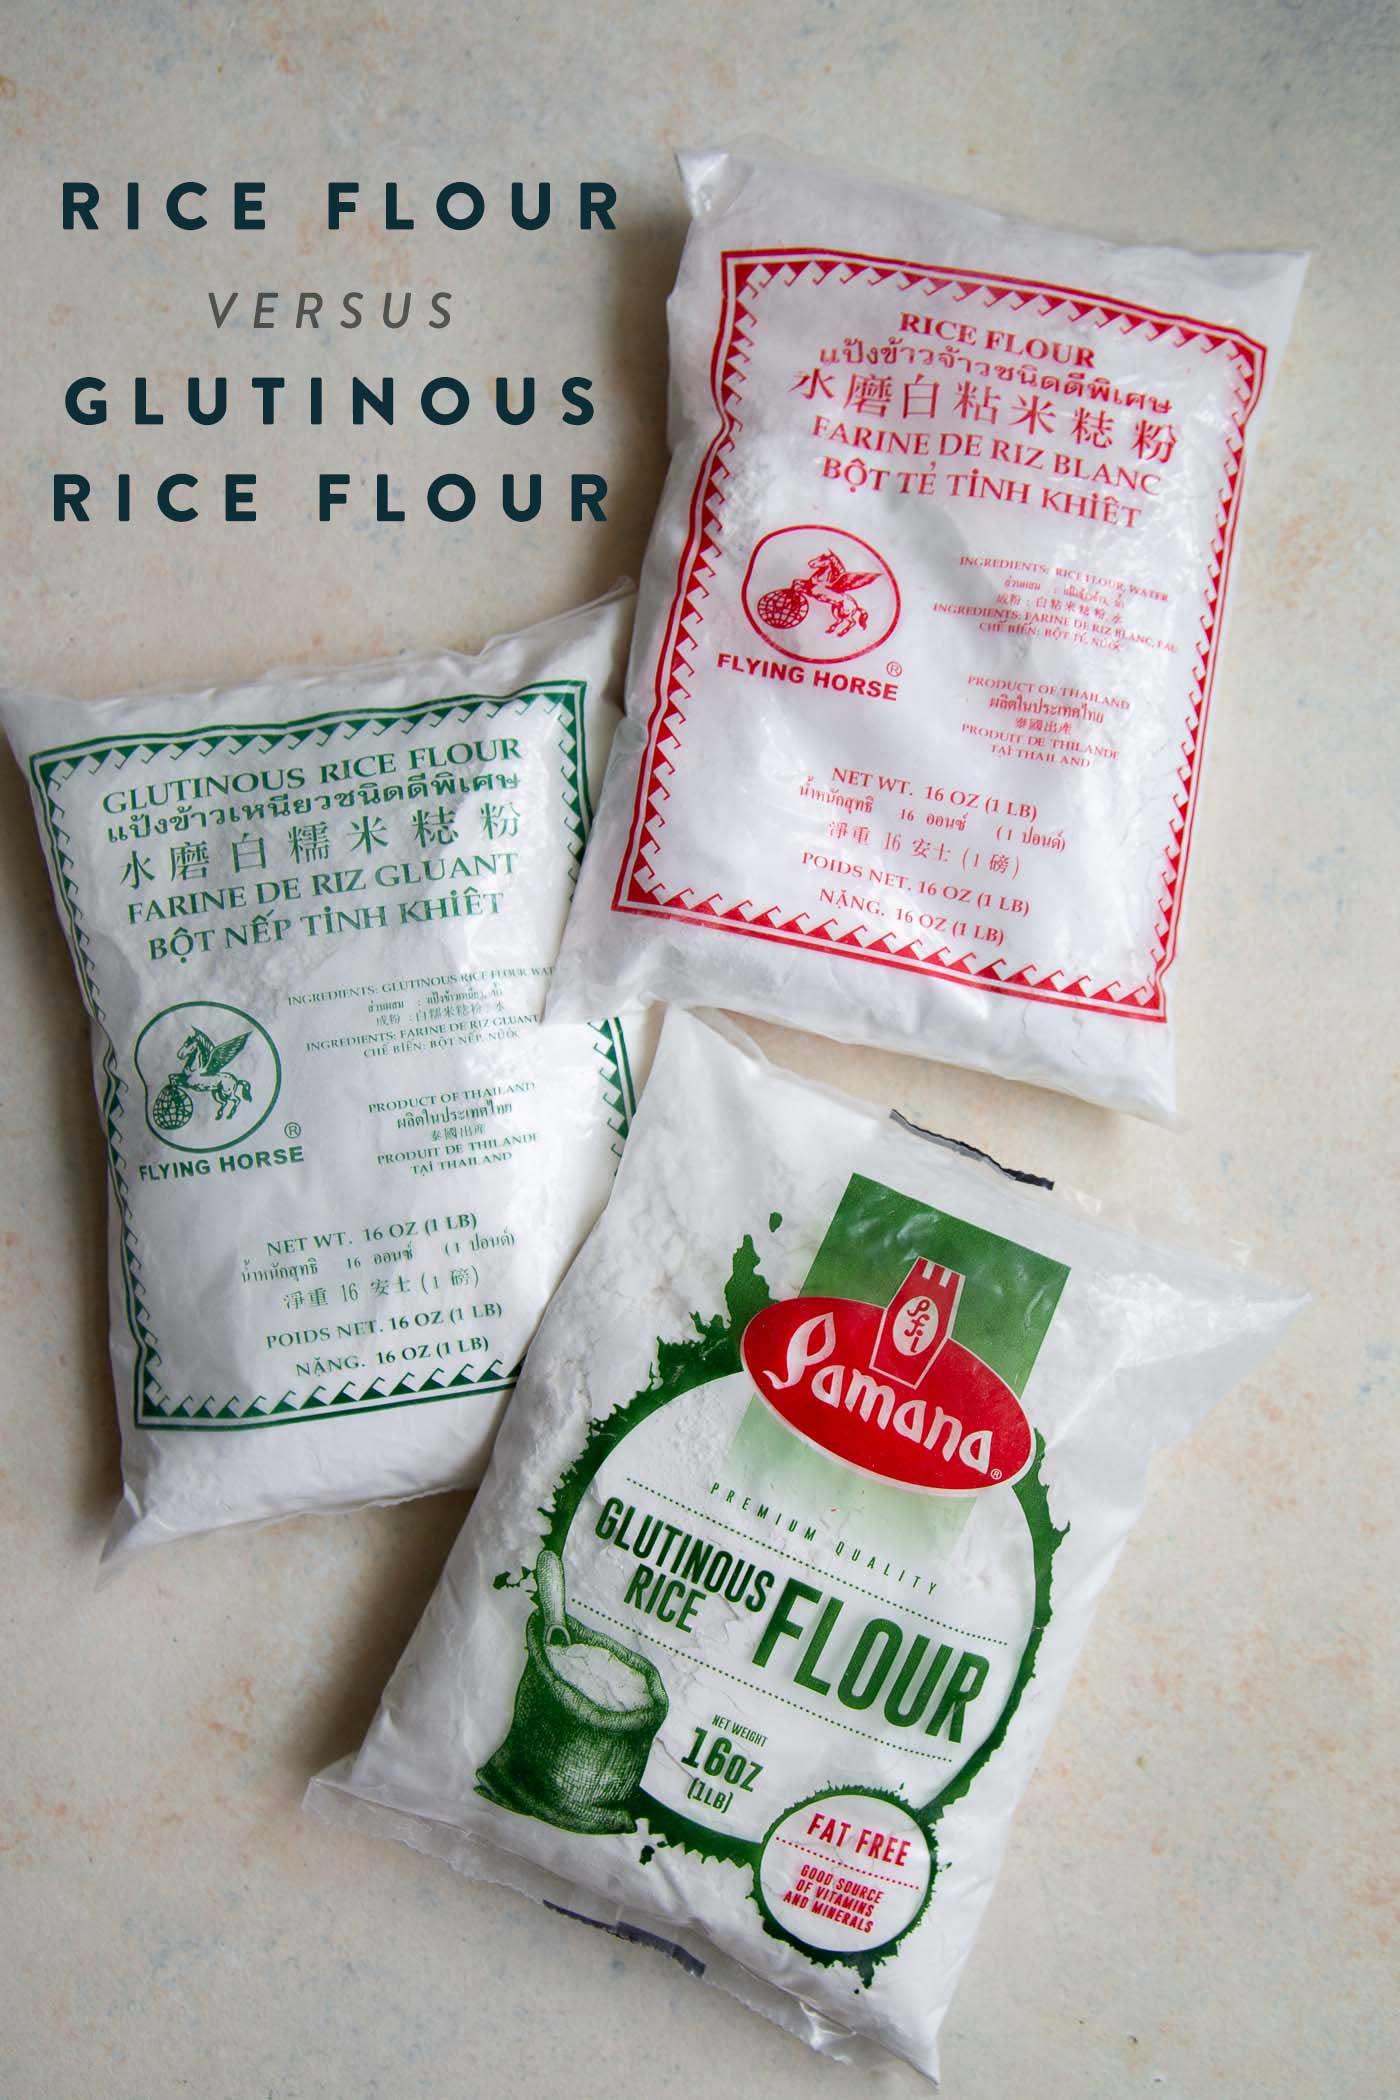 Rice Flour vs Glutinous Rice Flour